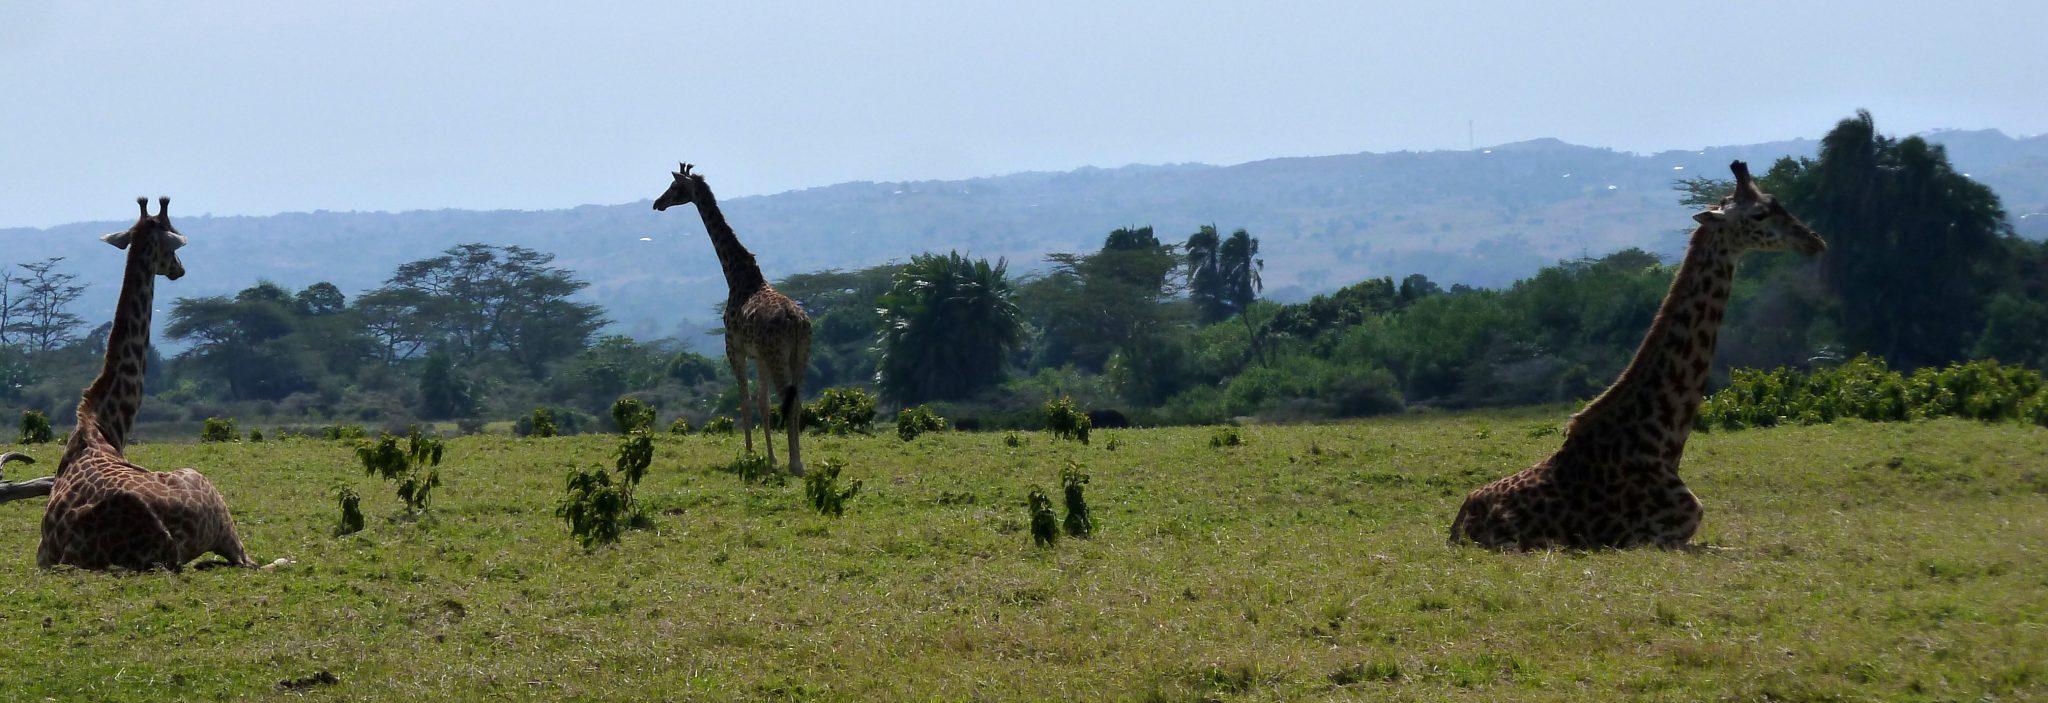 10-dia-2-agosto-jirafas-camino-de-momella-gate